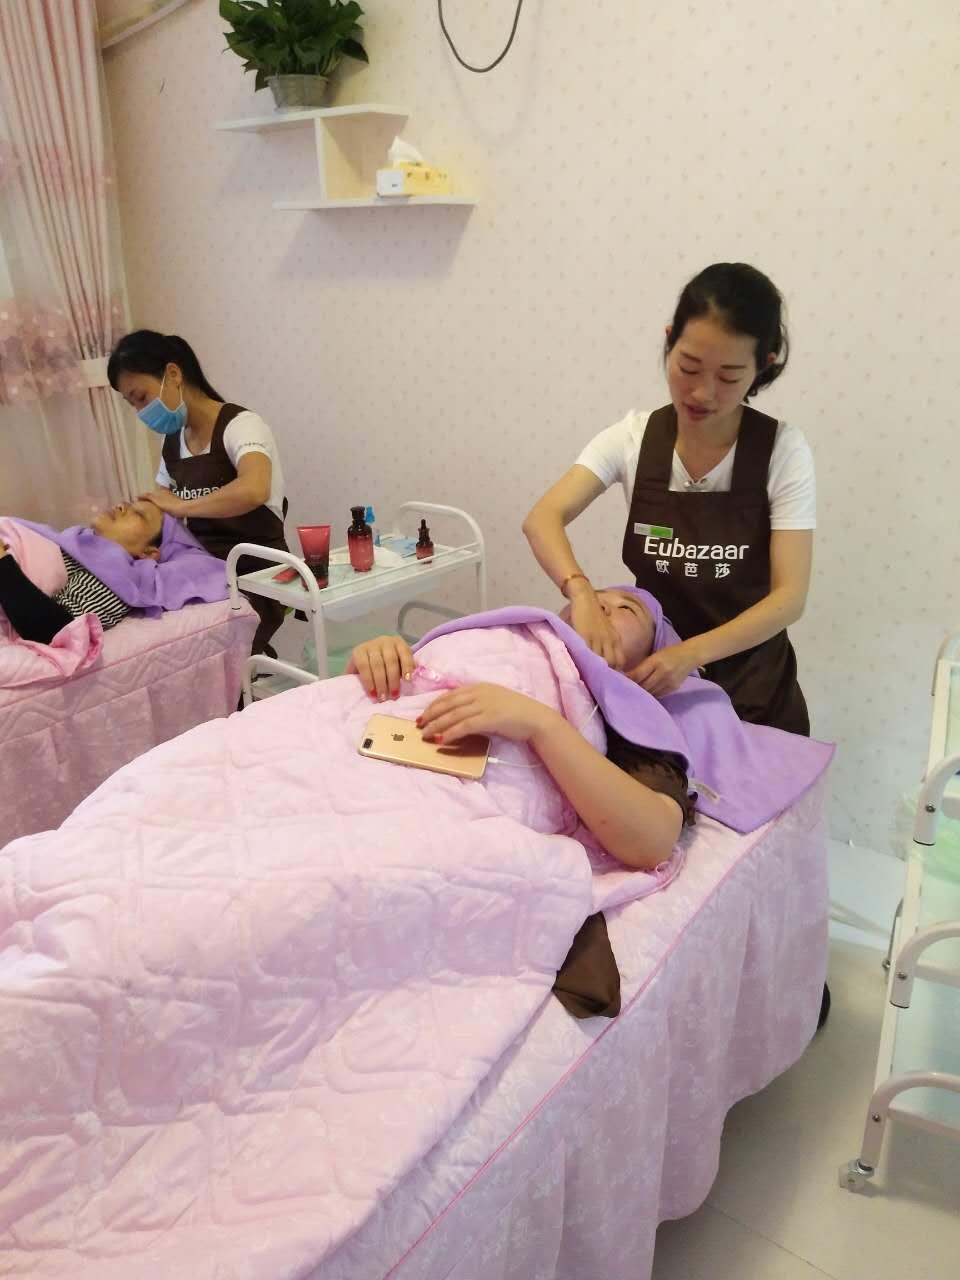 广州代理化妆品产品,欧芭莎护肤品量肤定制